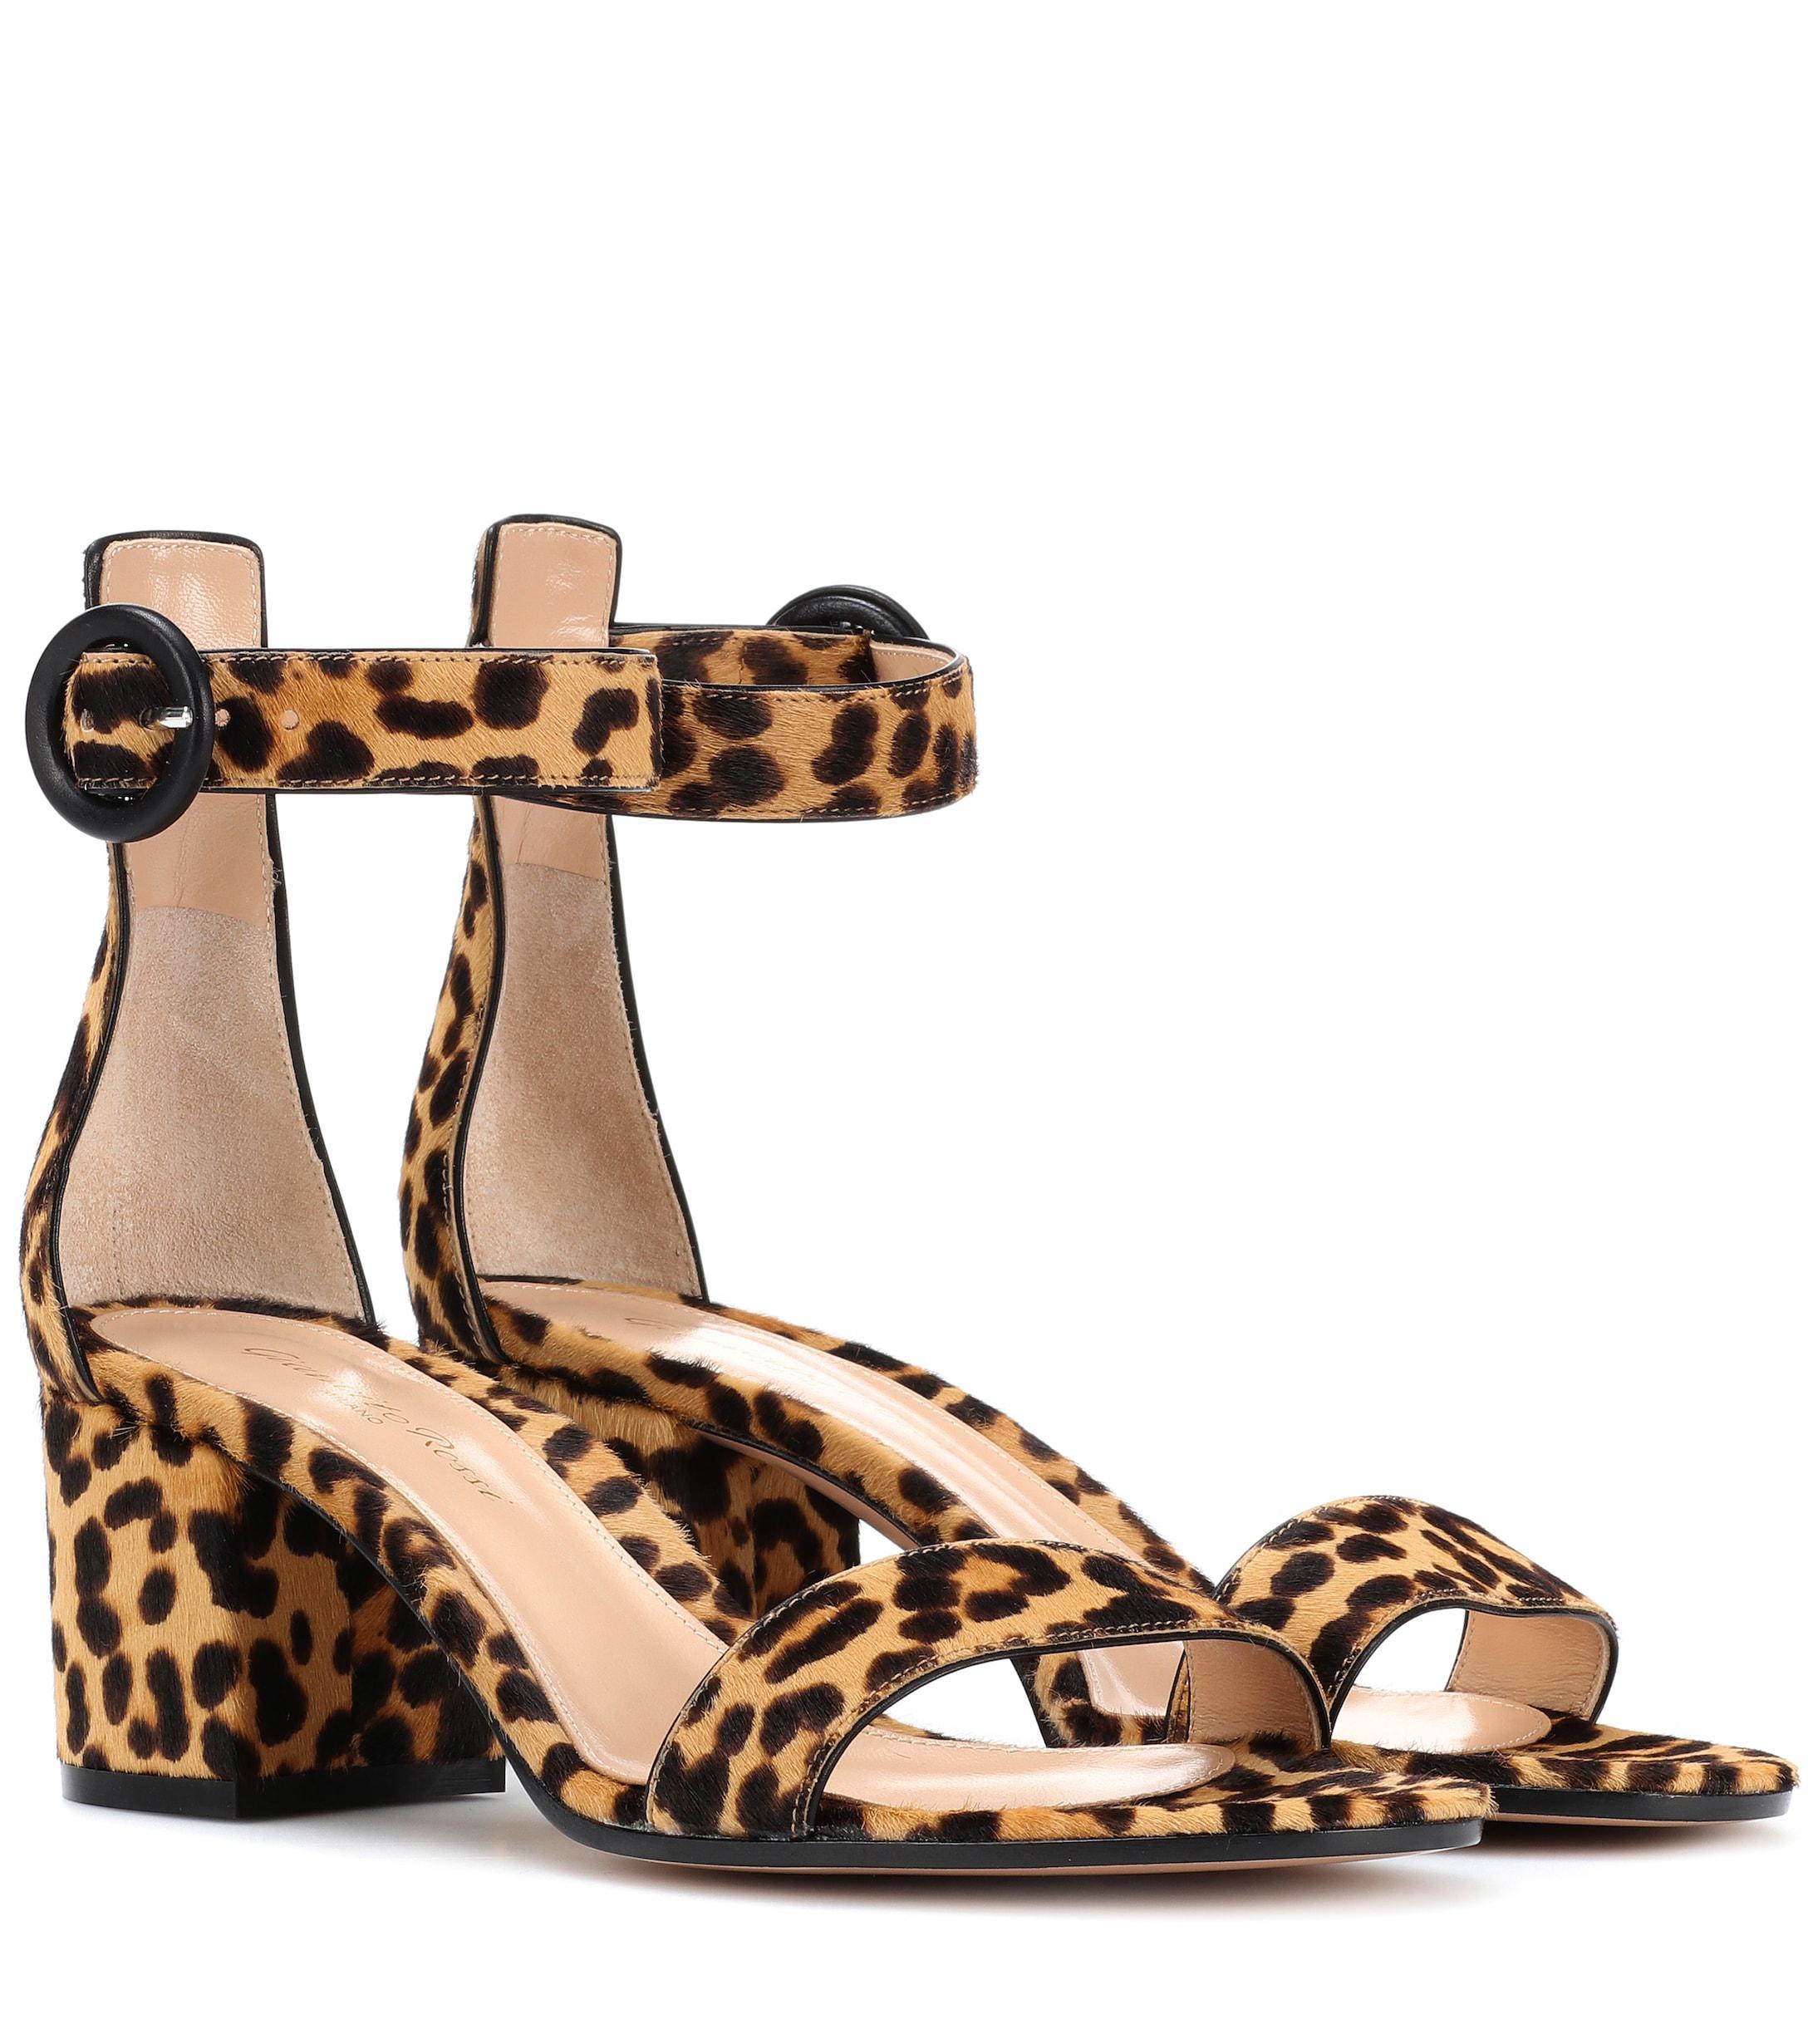 081aef0c8536 Gianvito Rossi. Women s Versilia 60 Leopard-printed Sandals